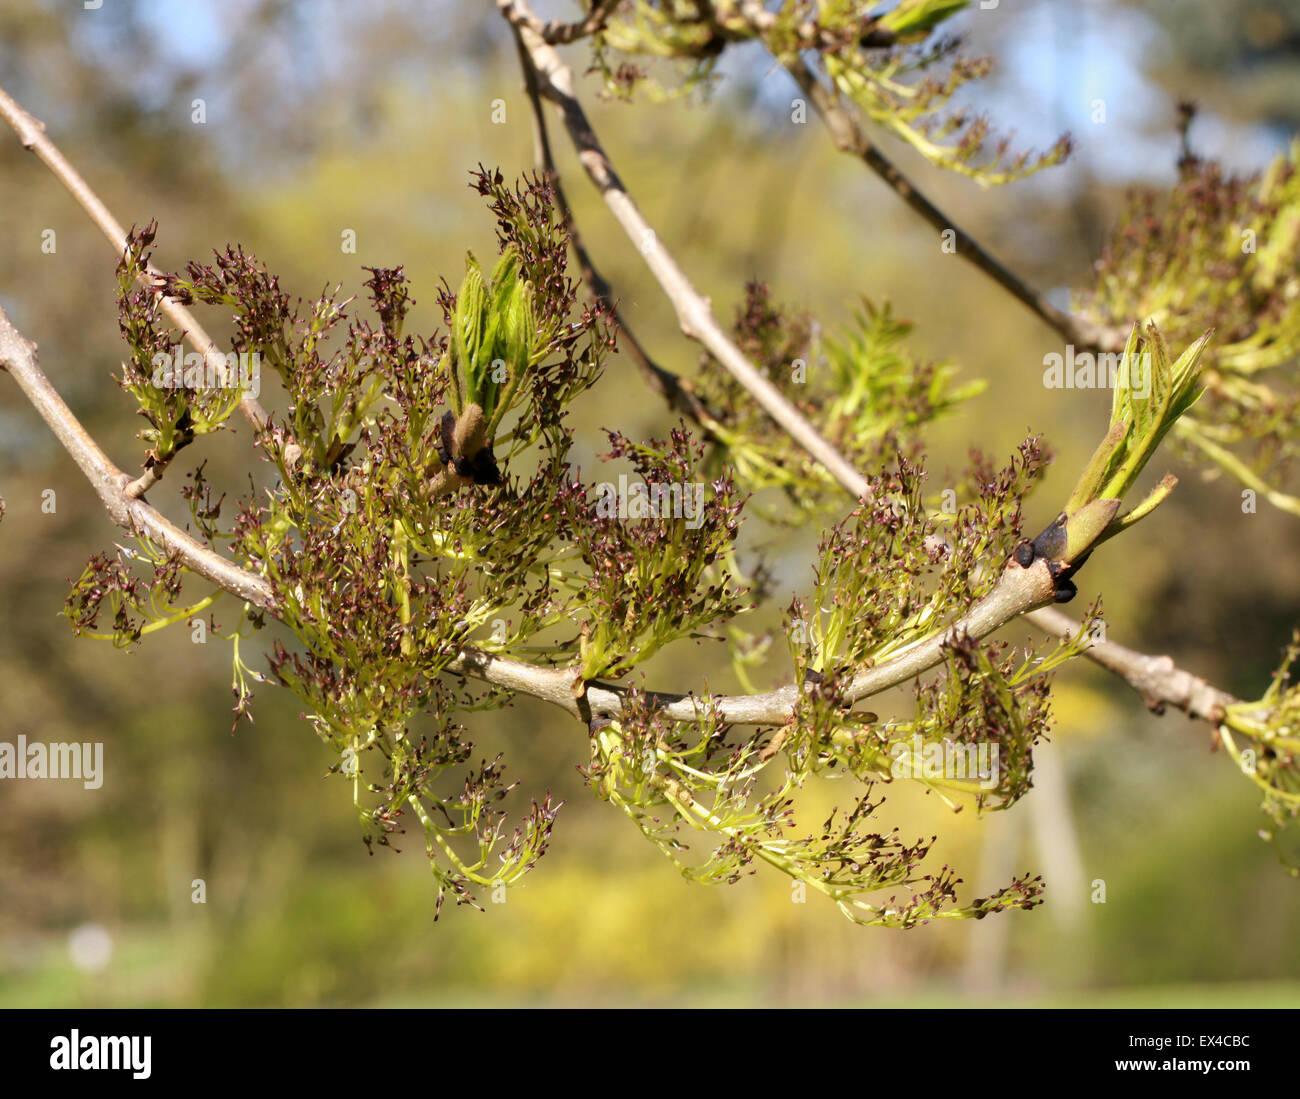 Bourgeons et fleurs des pleurs, Fraxinus Frêne Wentworth La Vecchia Fonte 'Pendula' Wentworthii, Oleaceae. Photo Stock